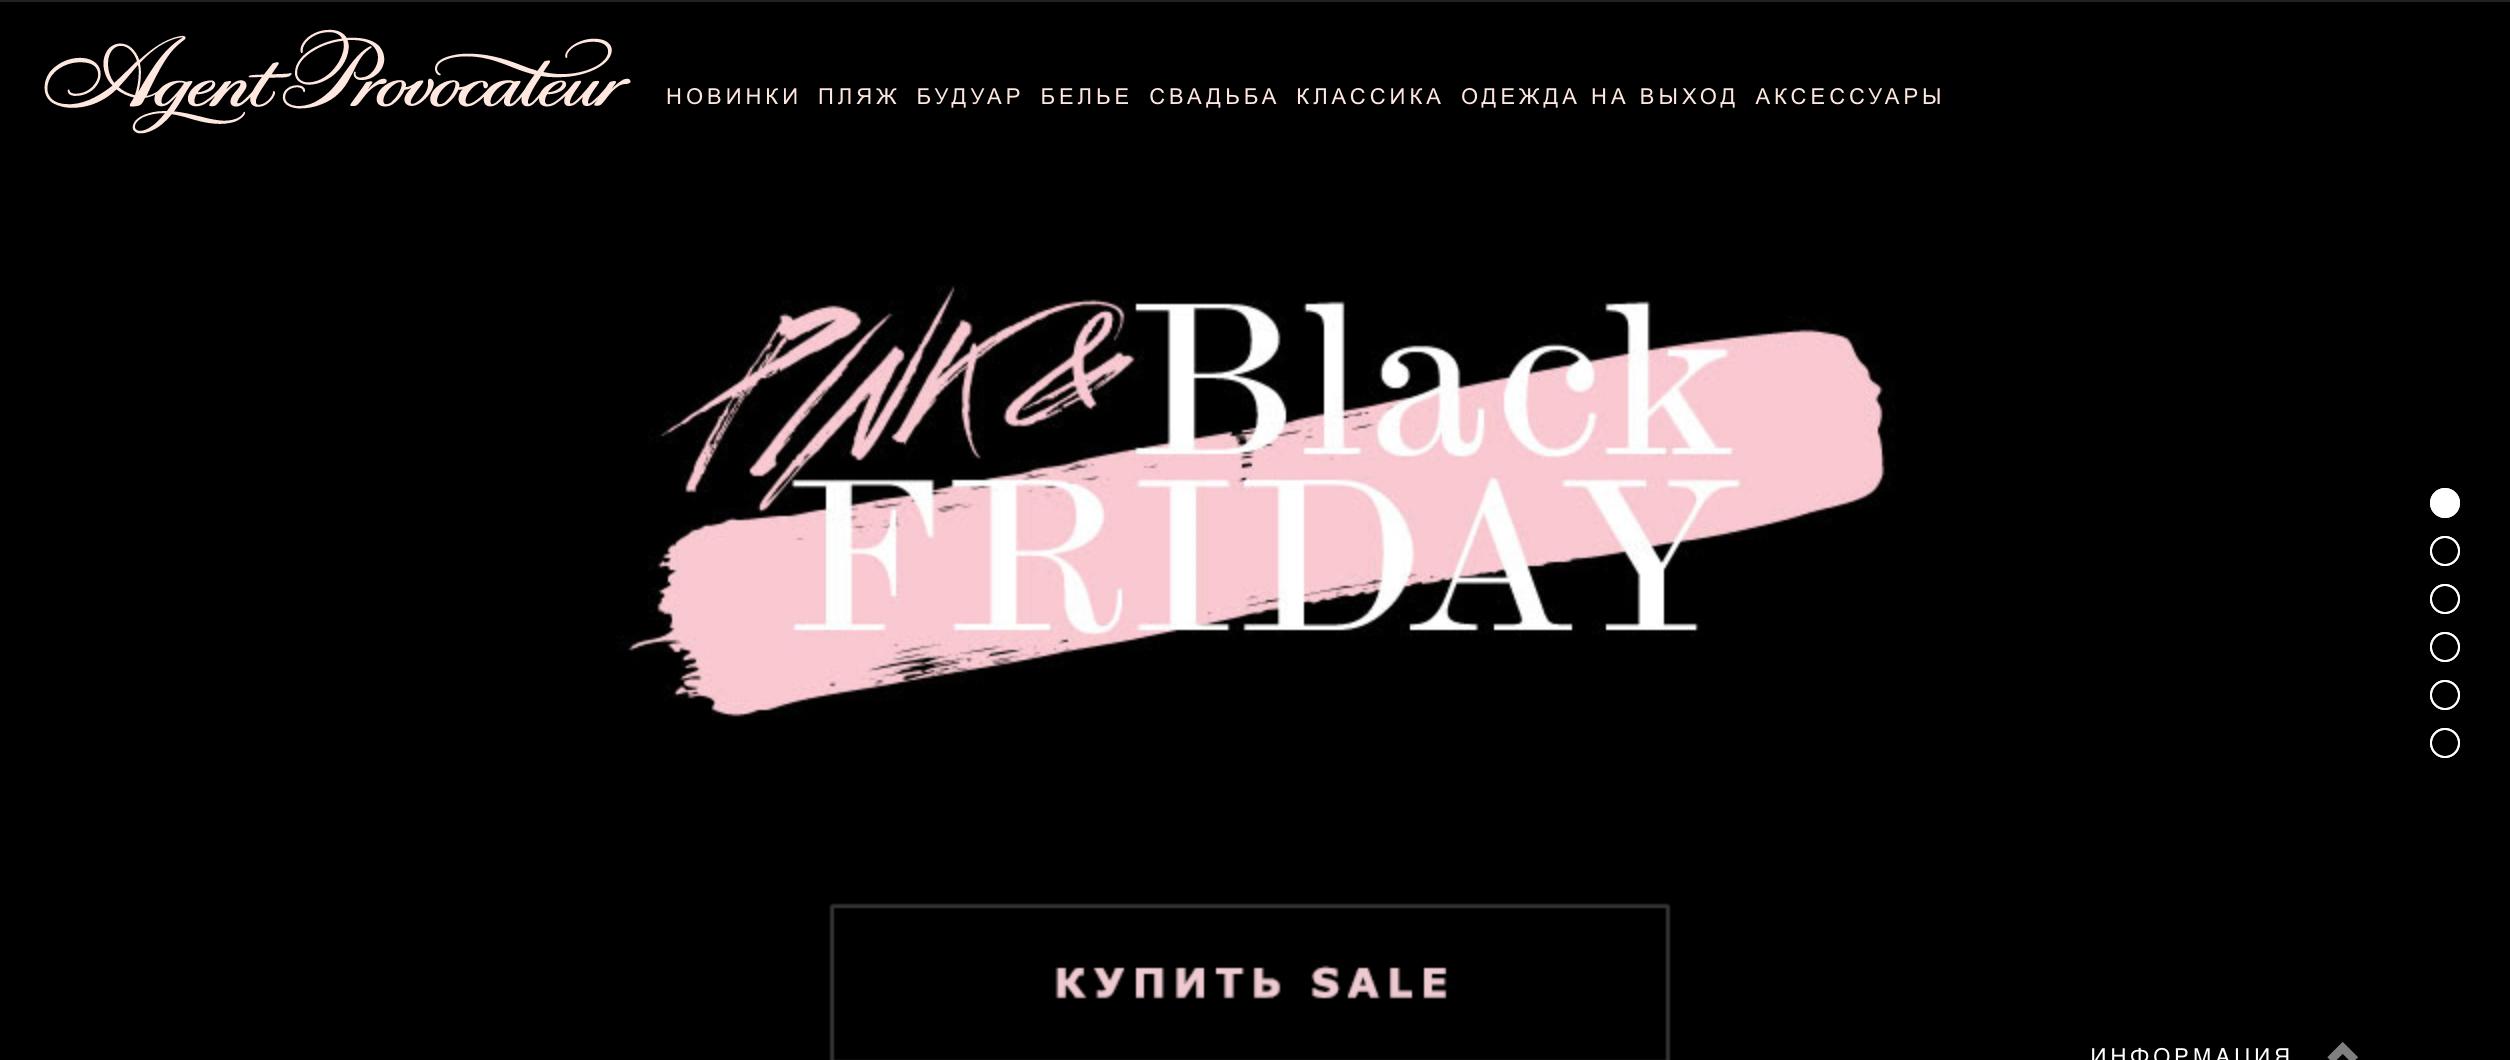 Black Friday 2017: Лучшие скидки Чёрной пятницы на брендовое нижнее бельё Agent Provocateur